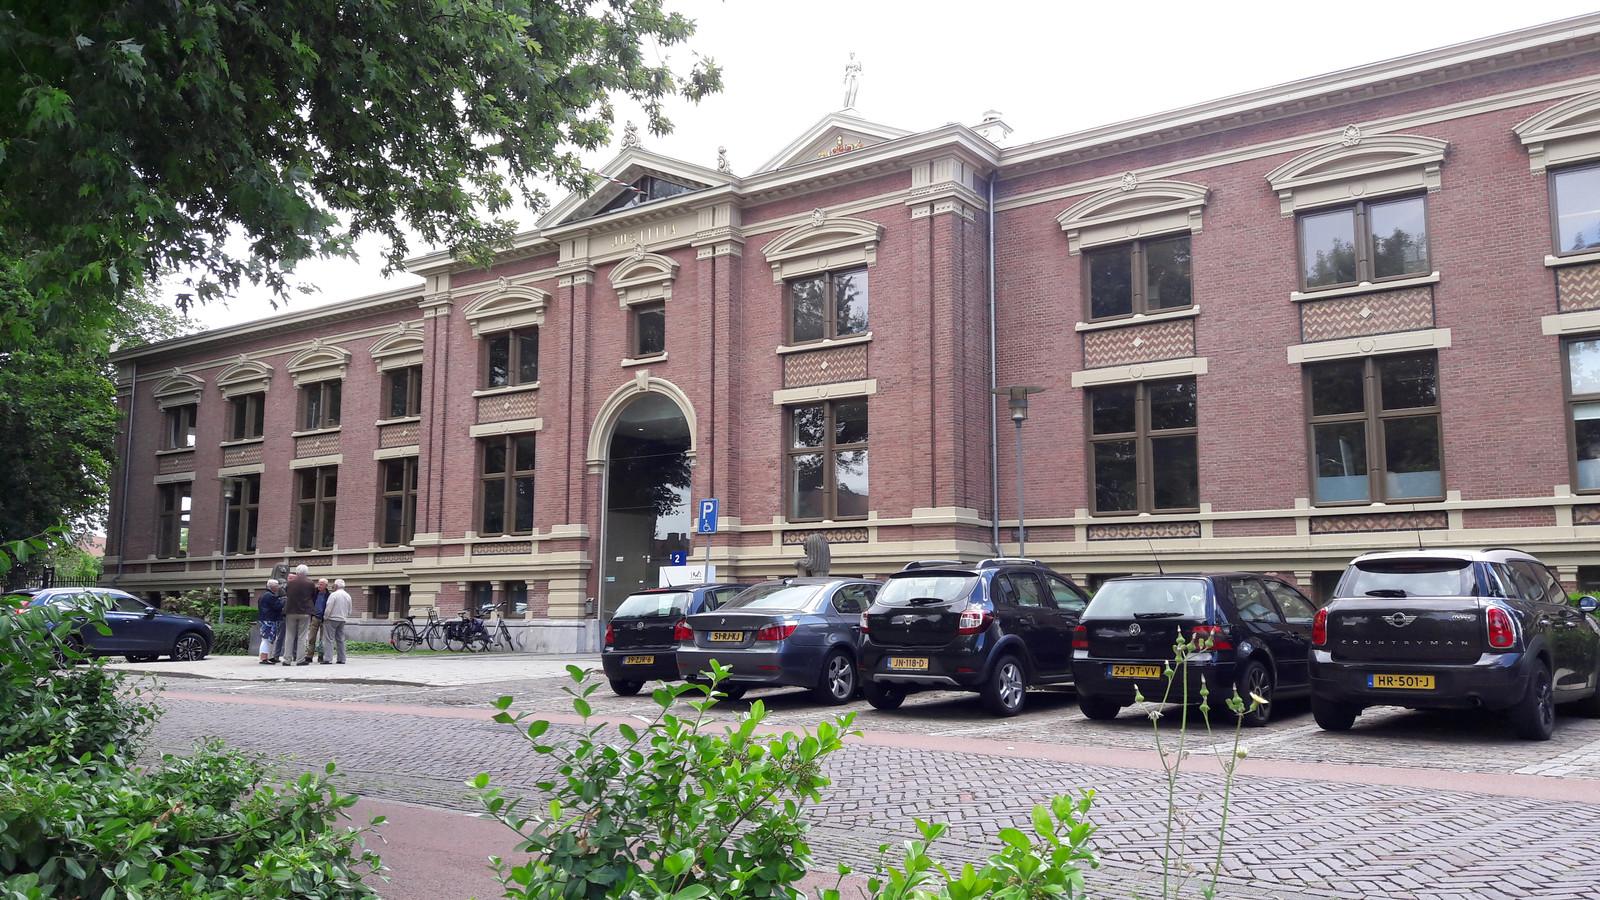 Het gebouw van Rechtbank Gelderland in Zutphen.